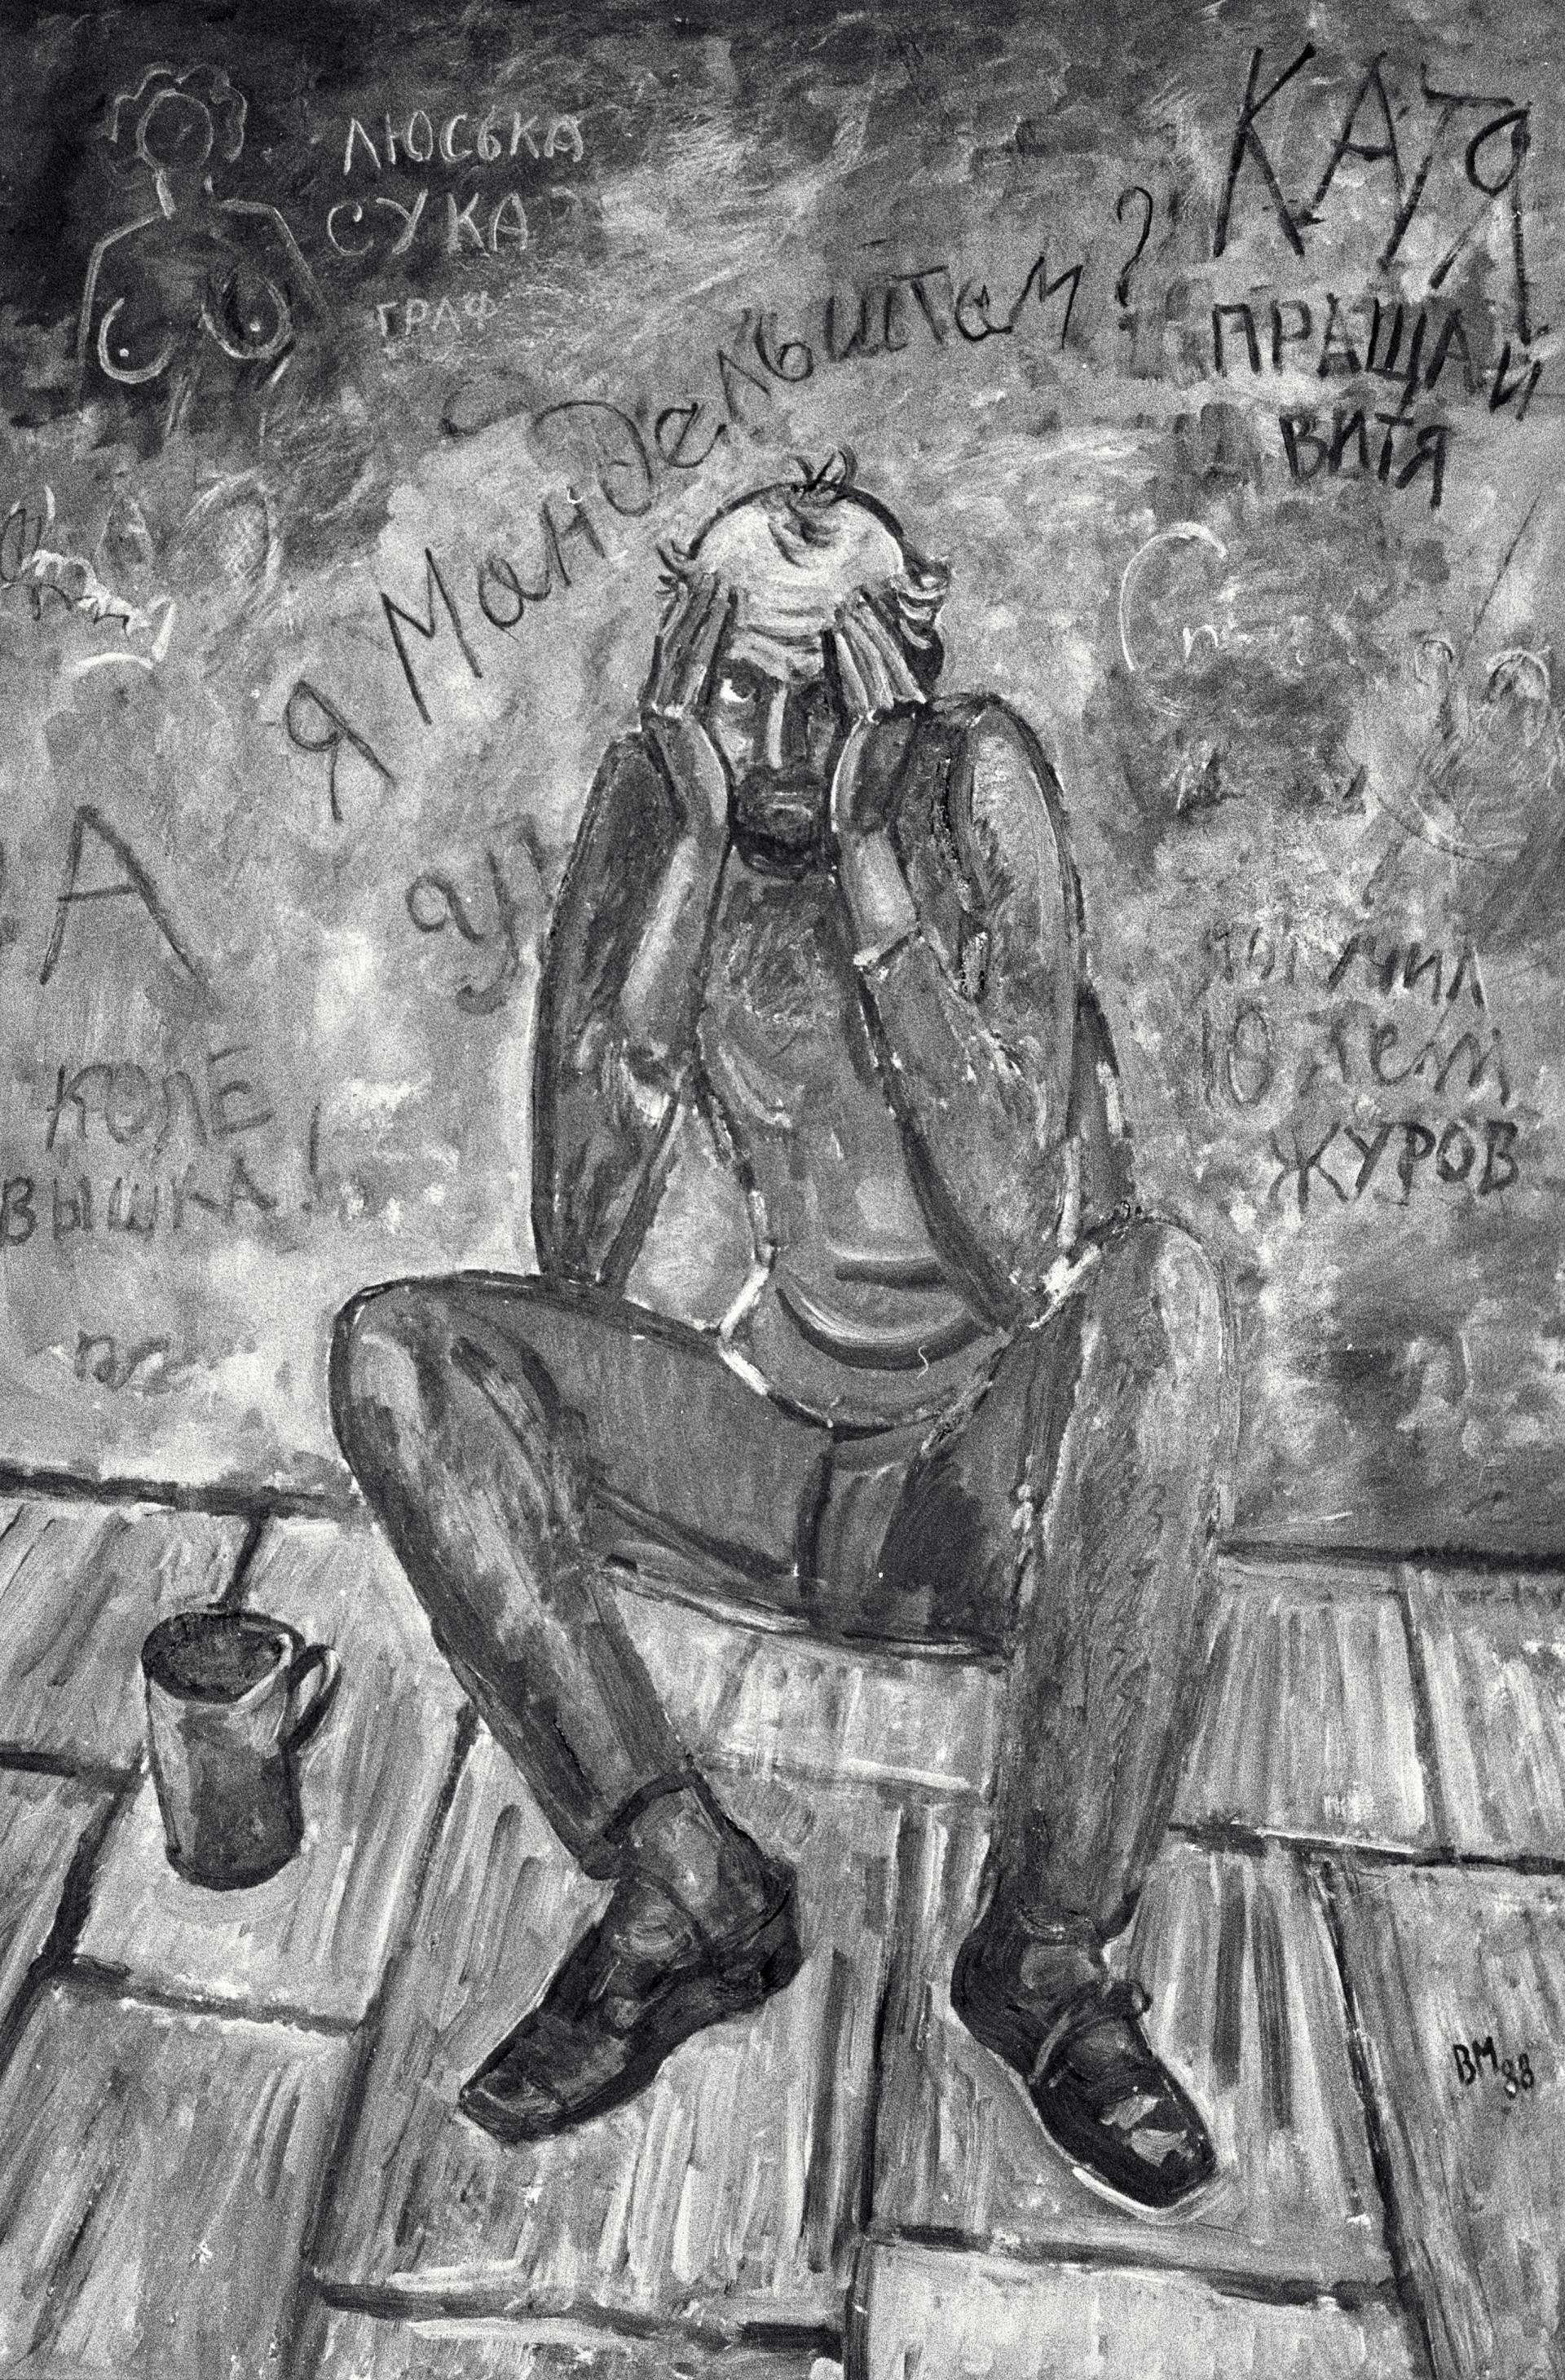 """Osip Mandelshtam nella riproduzione del disegno dell'artista M. Minaev per la mostra """"In memoria delle vittime dello stalinismo"""""""